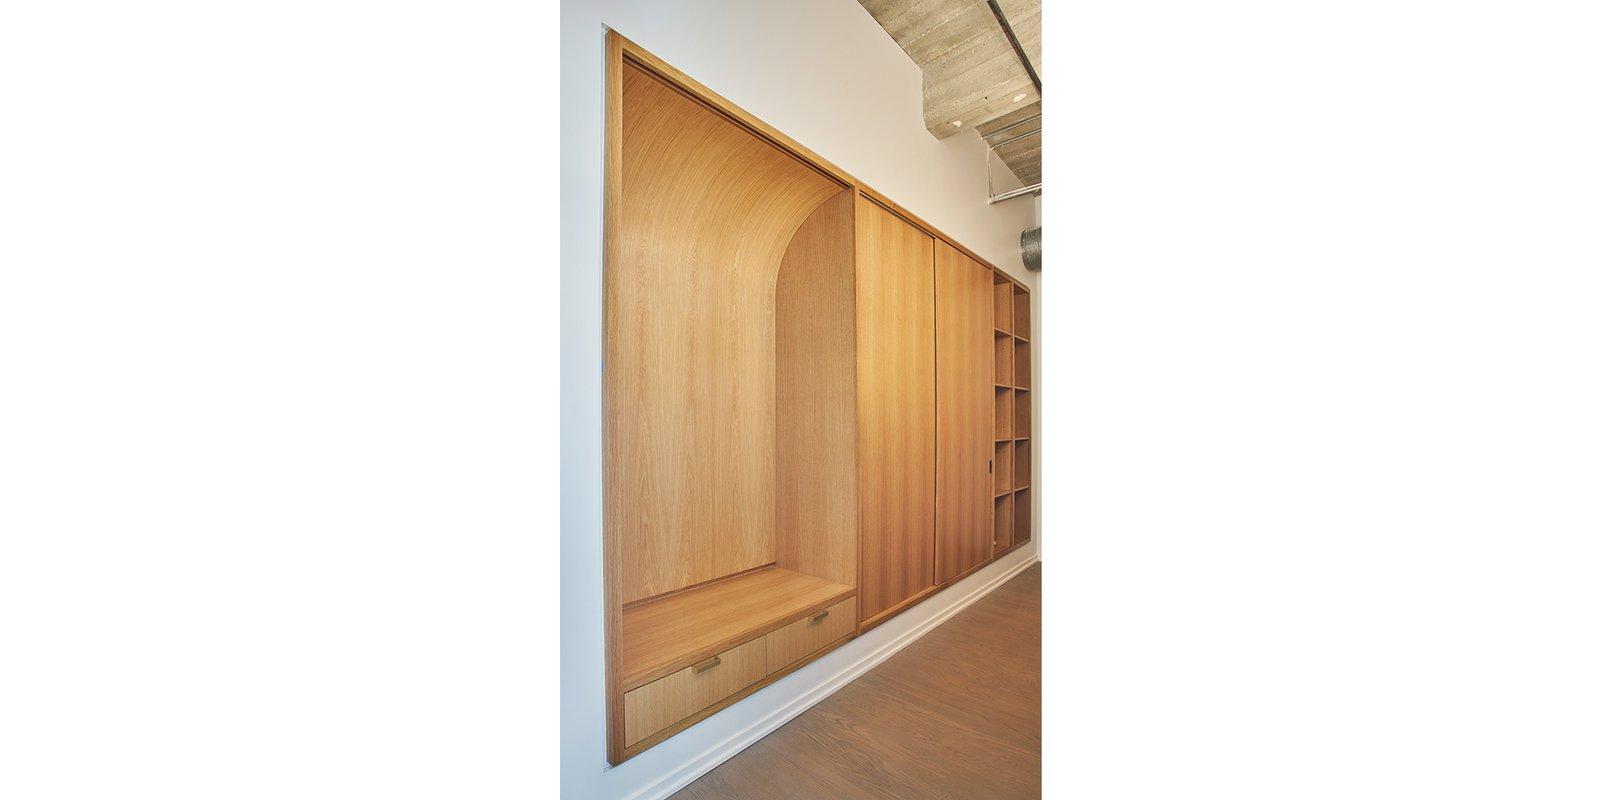 Light Hardwood, Storage, Cabinet, Closet, and Shelves Entry rift & quartered oak millwork storage, closet & bench.   Best Storage Shelves Closet Photos from West Loop Residence